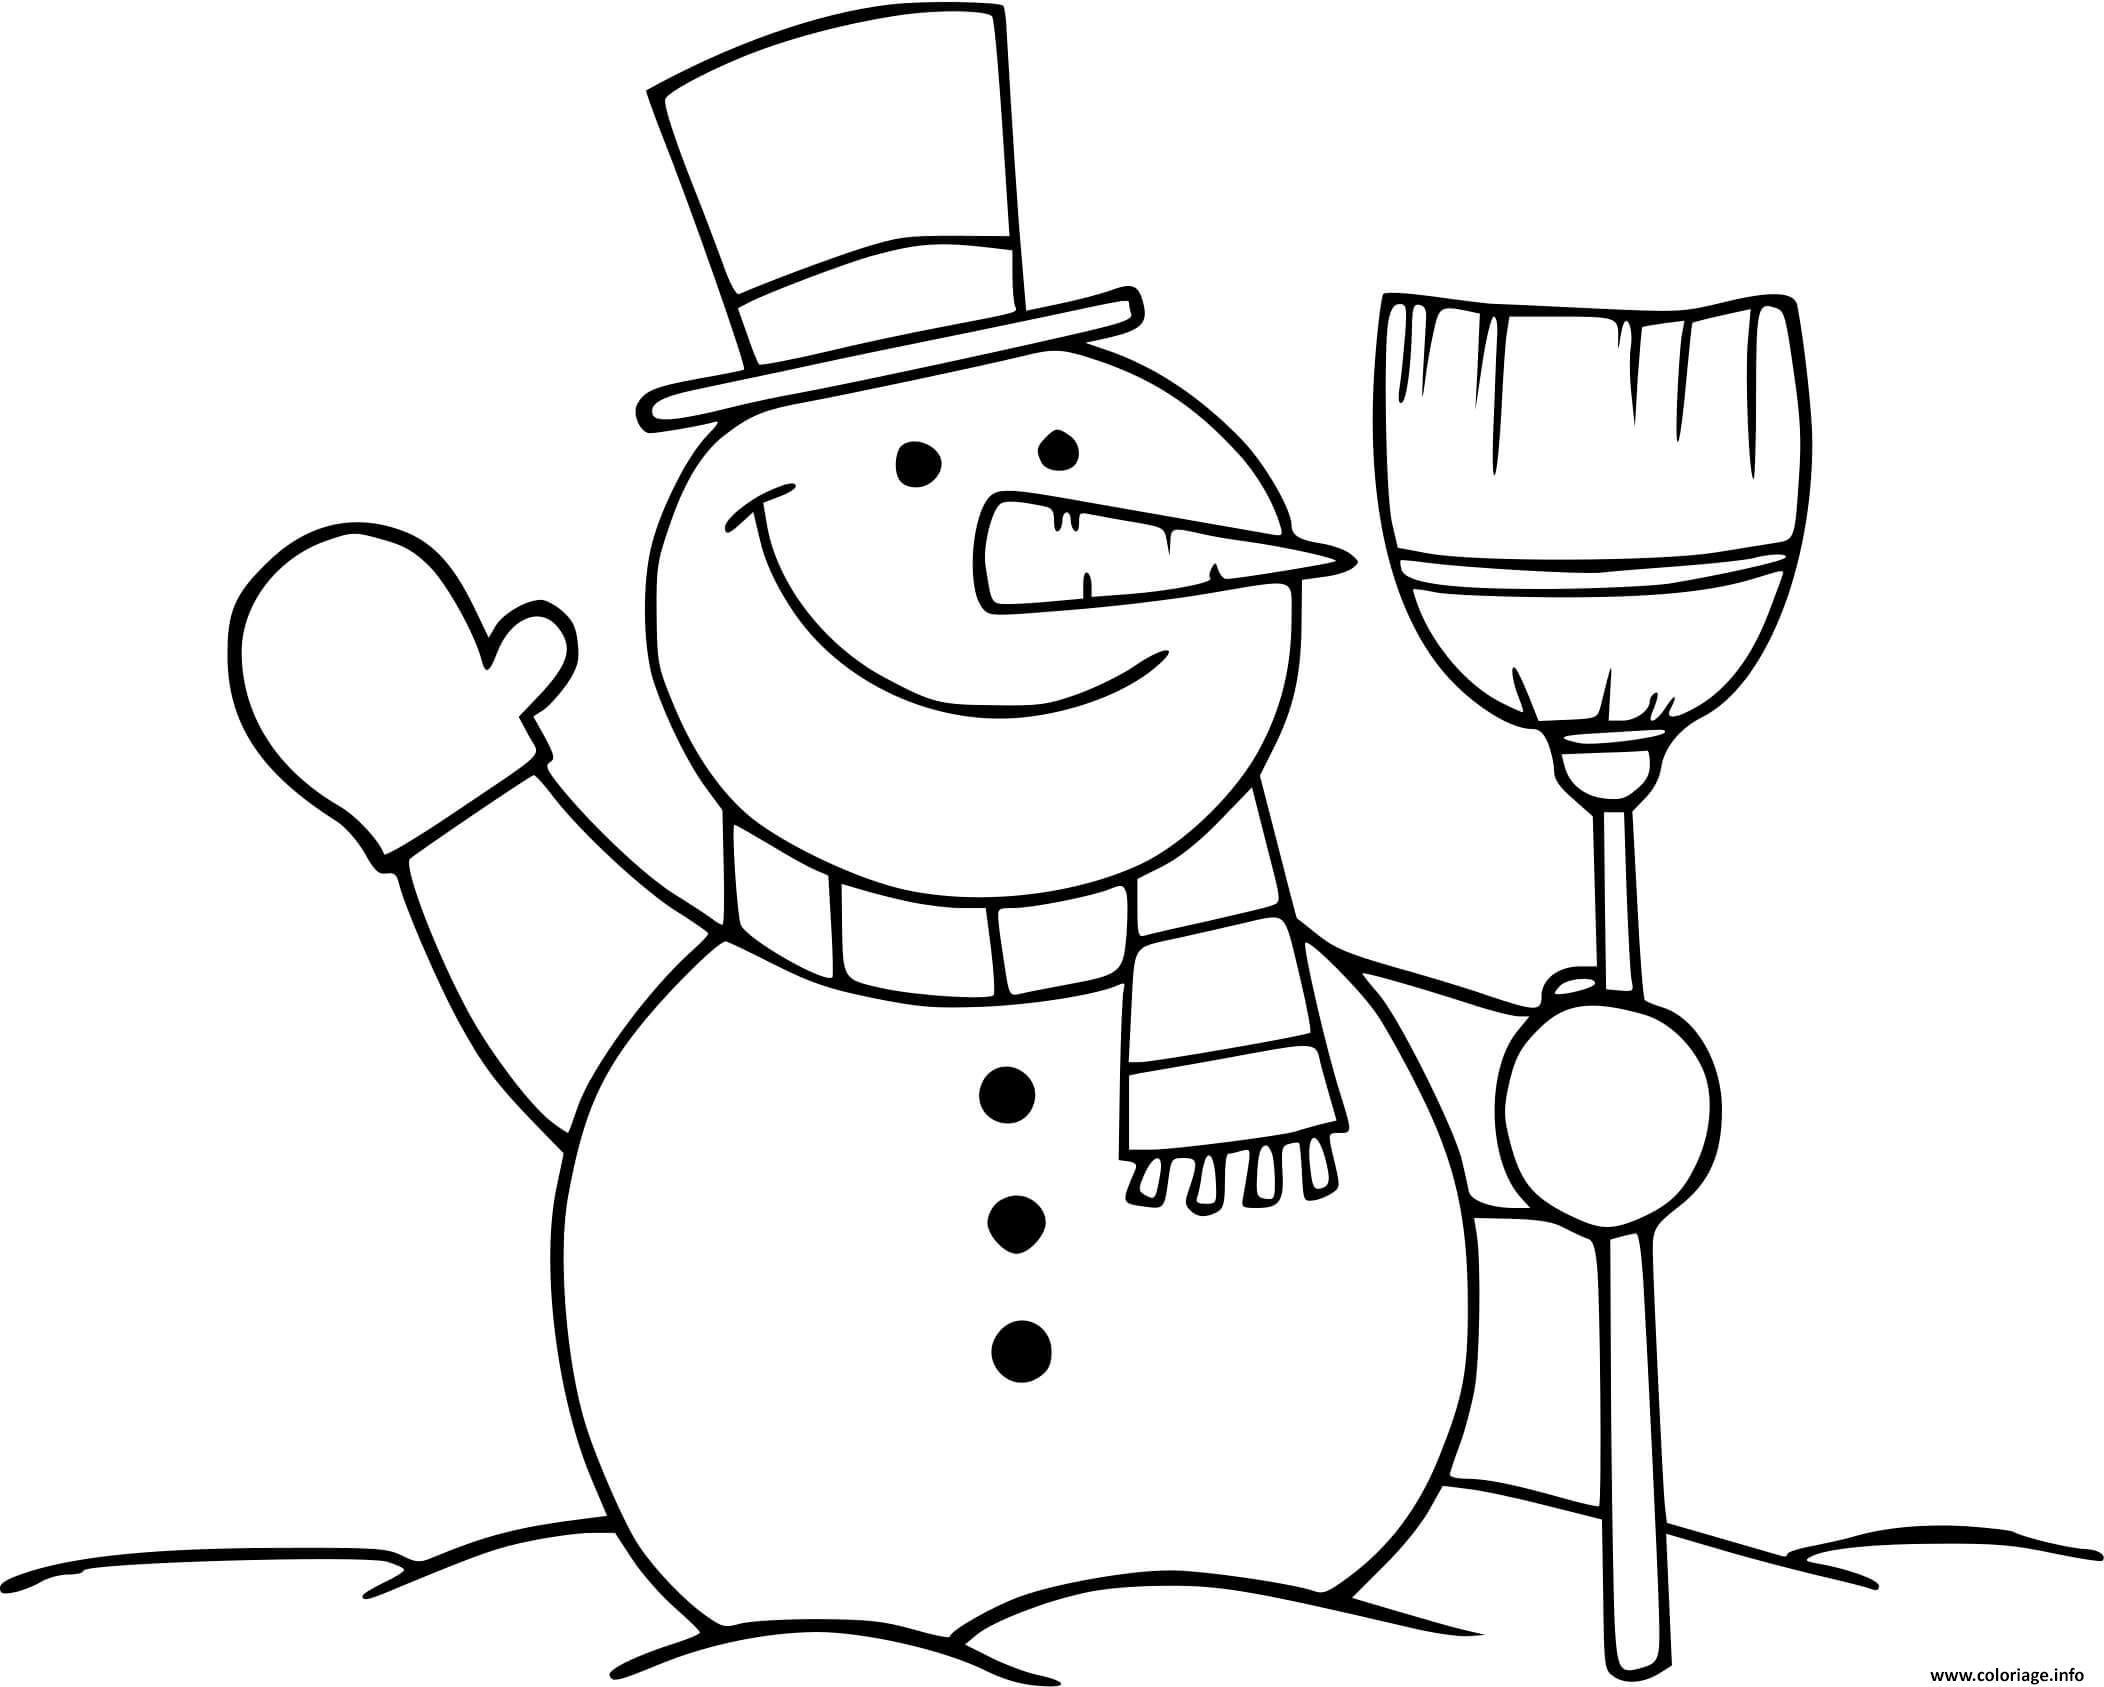 Dessin bonhomme de neige au froid hibernation Coloriage Gratuit à Imprimer